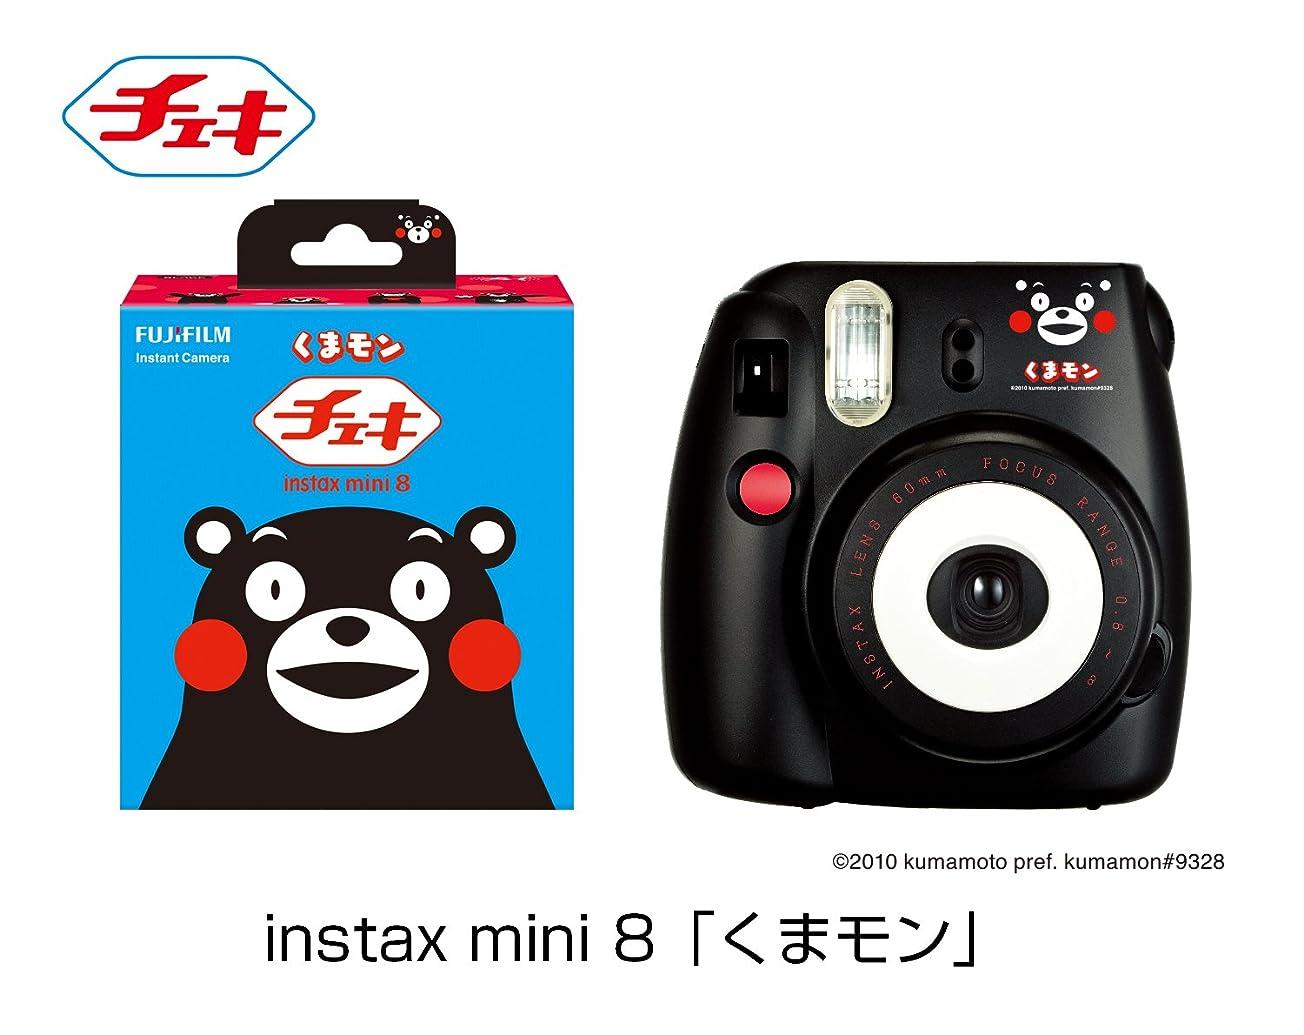 賞賛するパドル拮抗FUJIFILM インスタントカメラ チェキ instax mini 8 くまモン INS MINI 8 KUMAMON